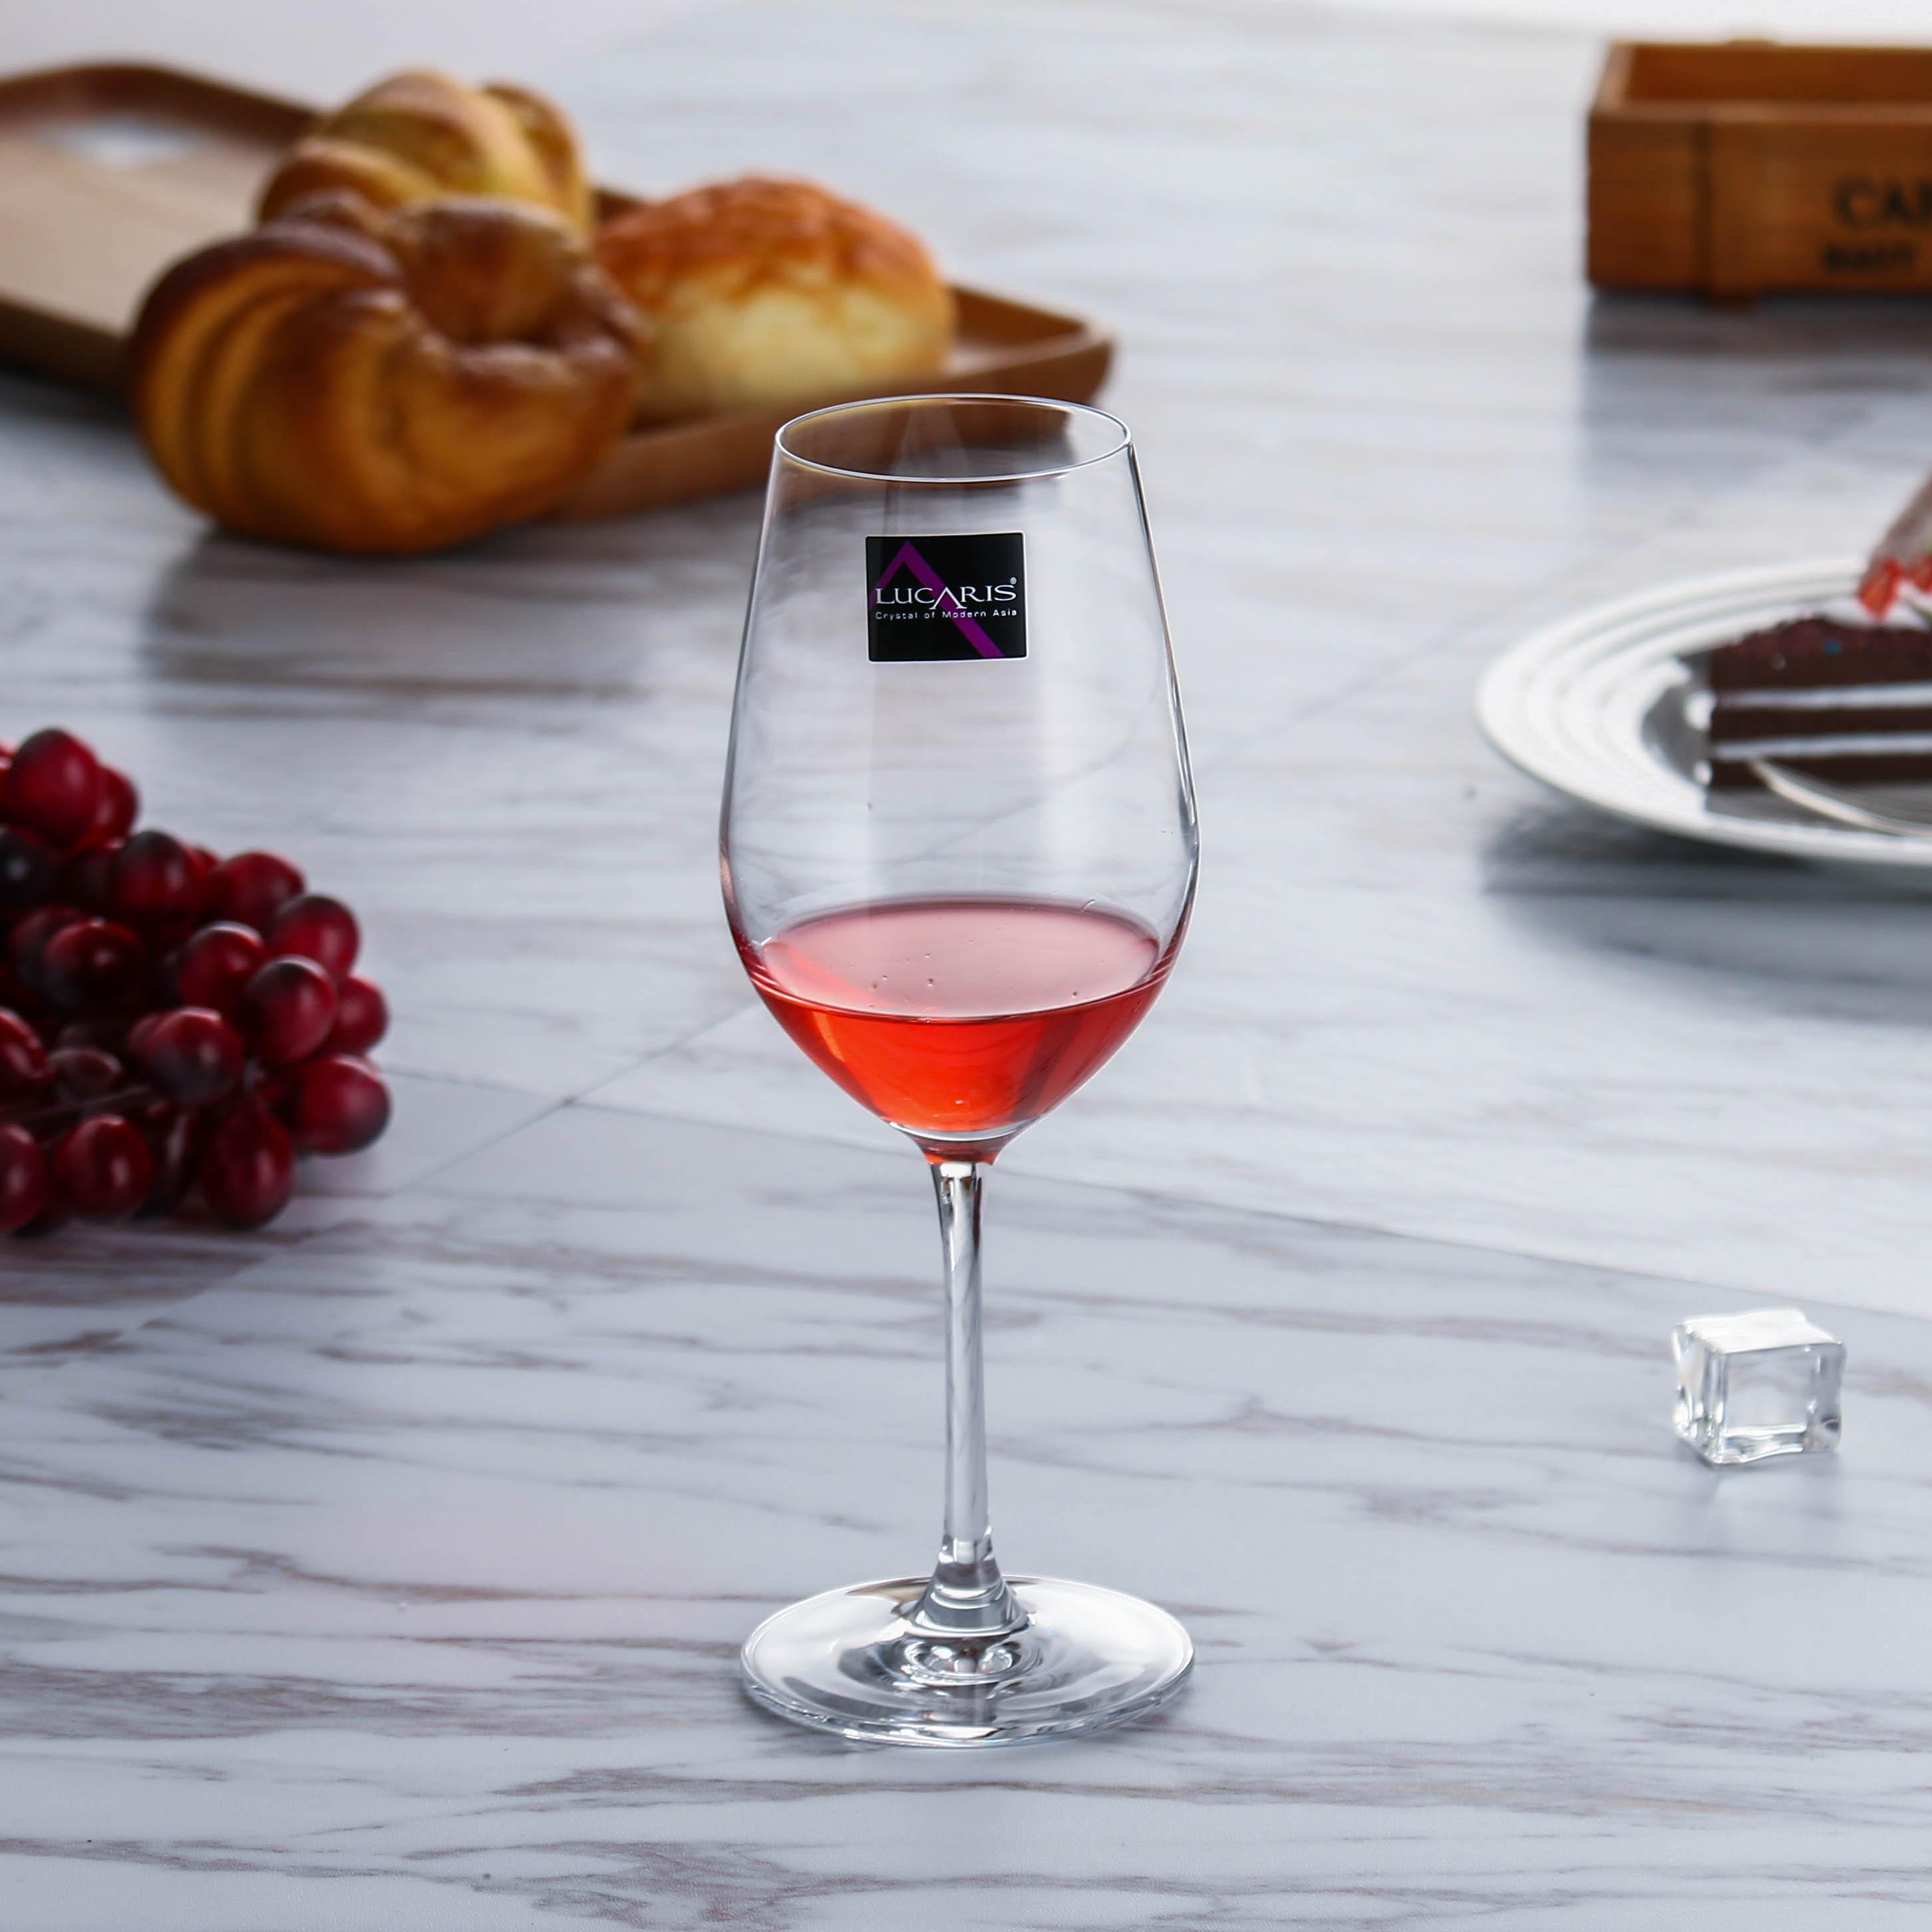 lucaris进酒杯水晶酒杯家用酒器杯架杯子醒高脚葡萄视频口红6只生产设备排钉气套装图片